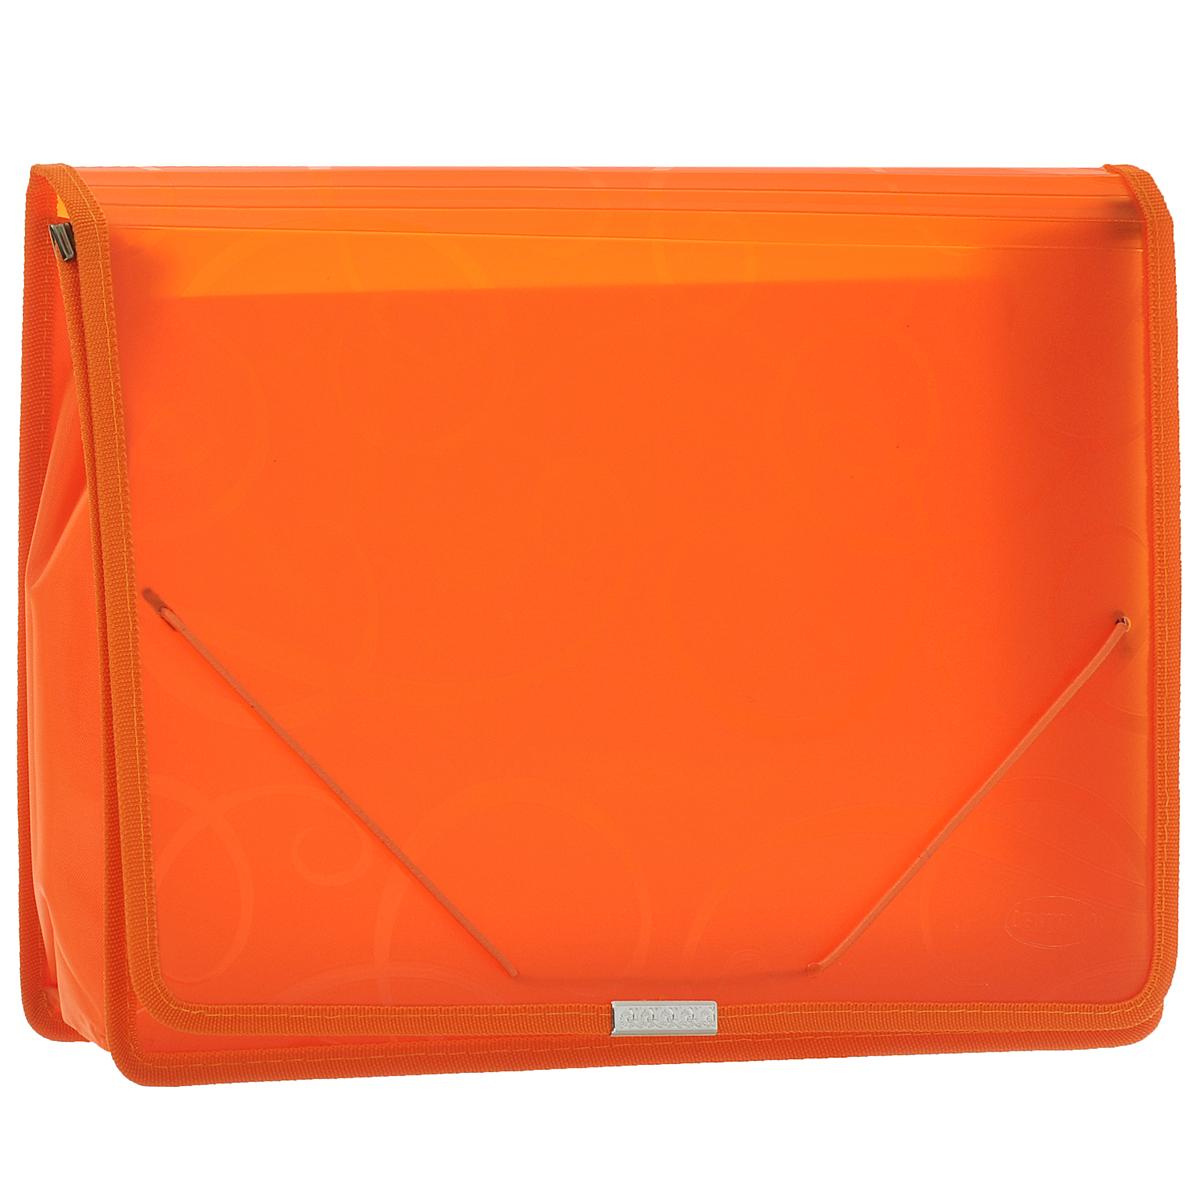 Папка-конверт на резинке Centrum, цвет: оранжевый. Формат А4. 80802FS-36054Папка-конверт на резинке Centrum - это удобный и функциональный офисный инструмент, предназначенный для хранения итранспортировки рабочих бумаг и документов формата А4.Папка с двойной угловой фиксацией резиновой лентой изготовлена из износостойкого полупрозрачного полипропилена. Внутри папка имеет одно объемное отделение повышенной вместимости и 2 прозрачных открытых кармашка. Грани папки отделаны полиэстером, что обеспечивает дополнительную прочность и опрятный вид папки. Клапан украшен декоративным металлическим элементом. Папка оформлена тиснением в виде абстрактного орнамента.Папка - это незаменимый атрибут для студента, школьника, офисного работника. Такая папка надежно сохранит ваши документы исбережет их от повреждений, пыли и влаги.